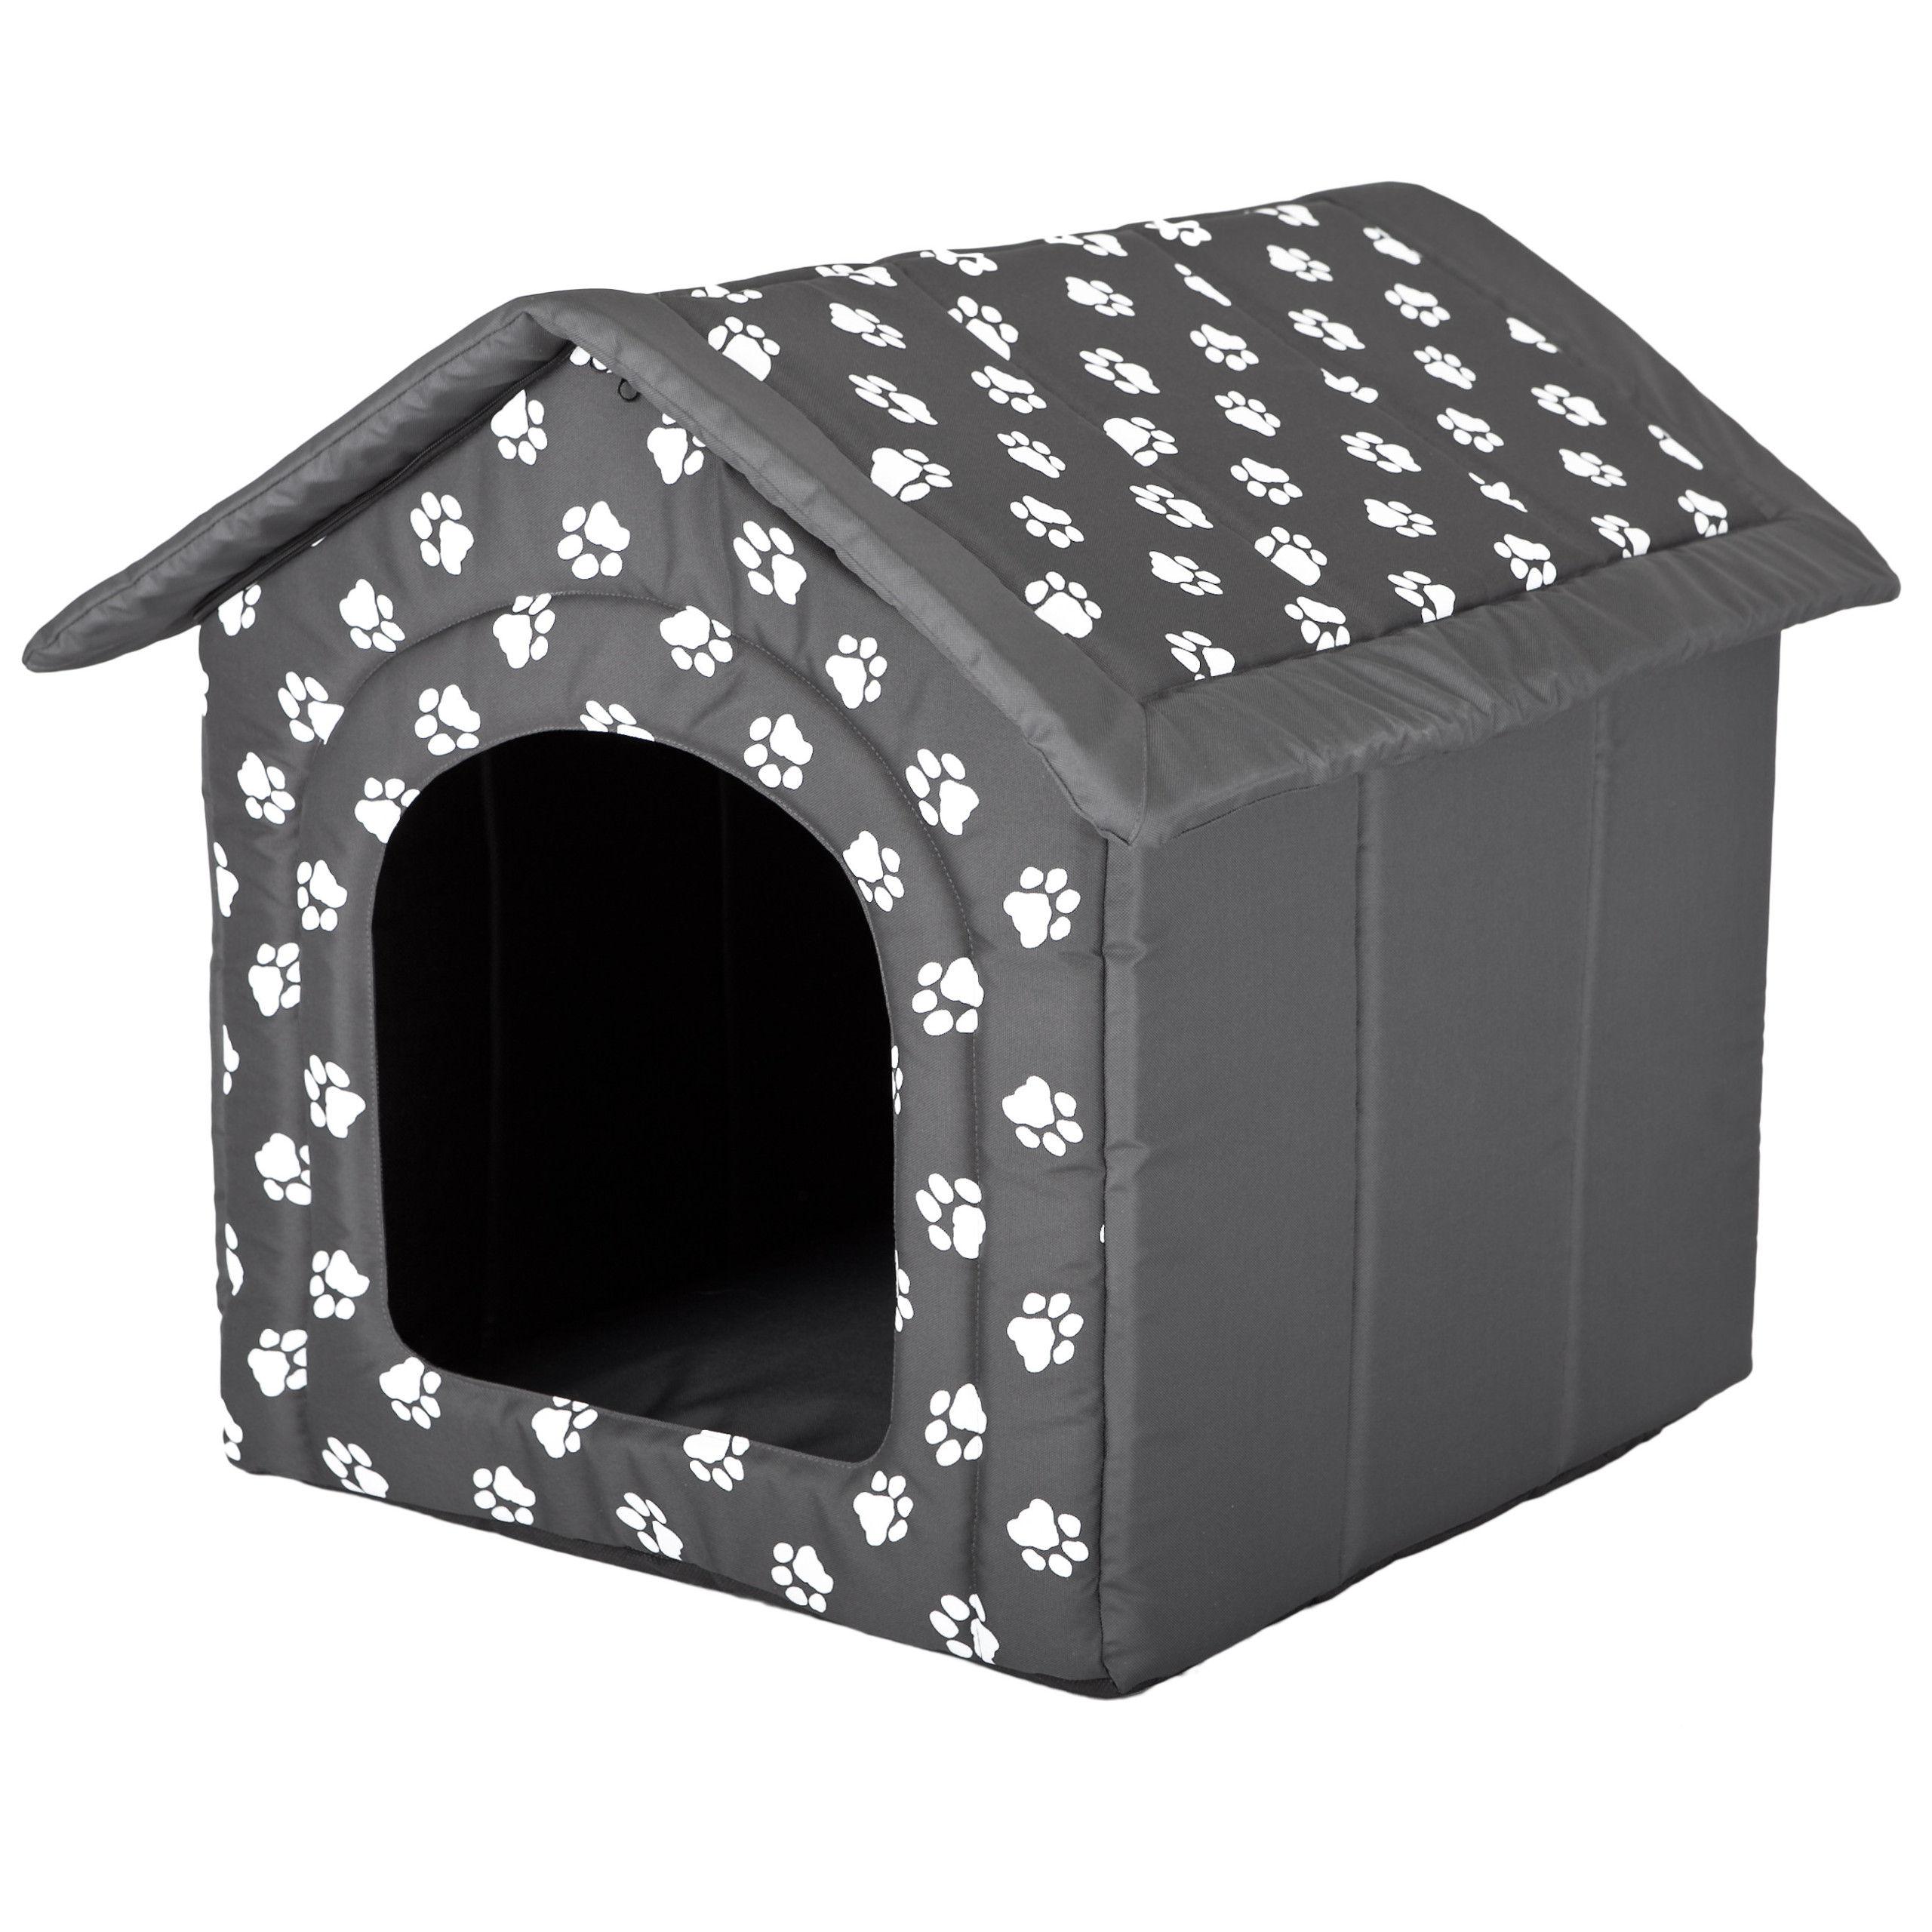 Питомник для собаки или кошки, House Lair Hobbydog R2